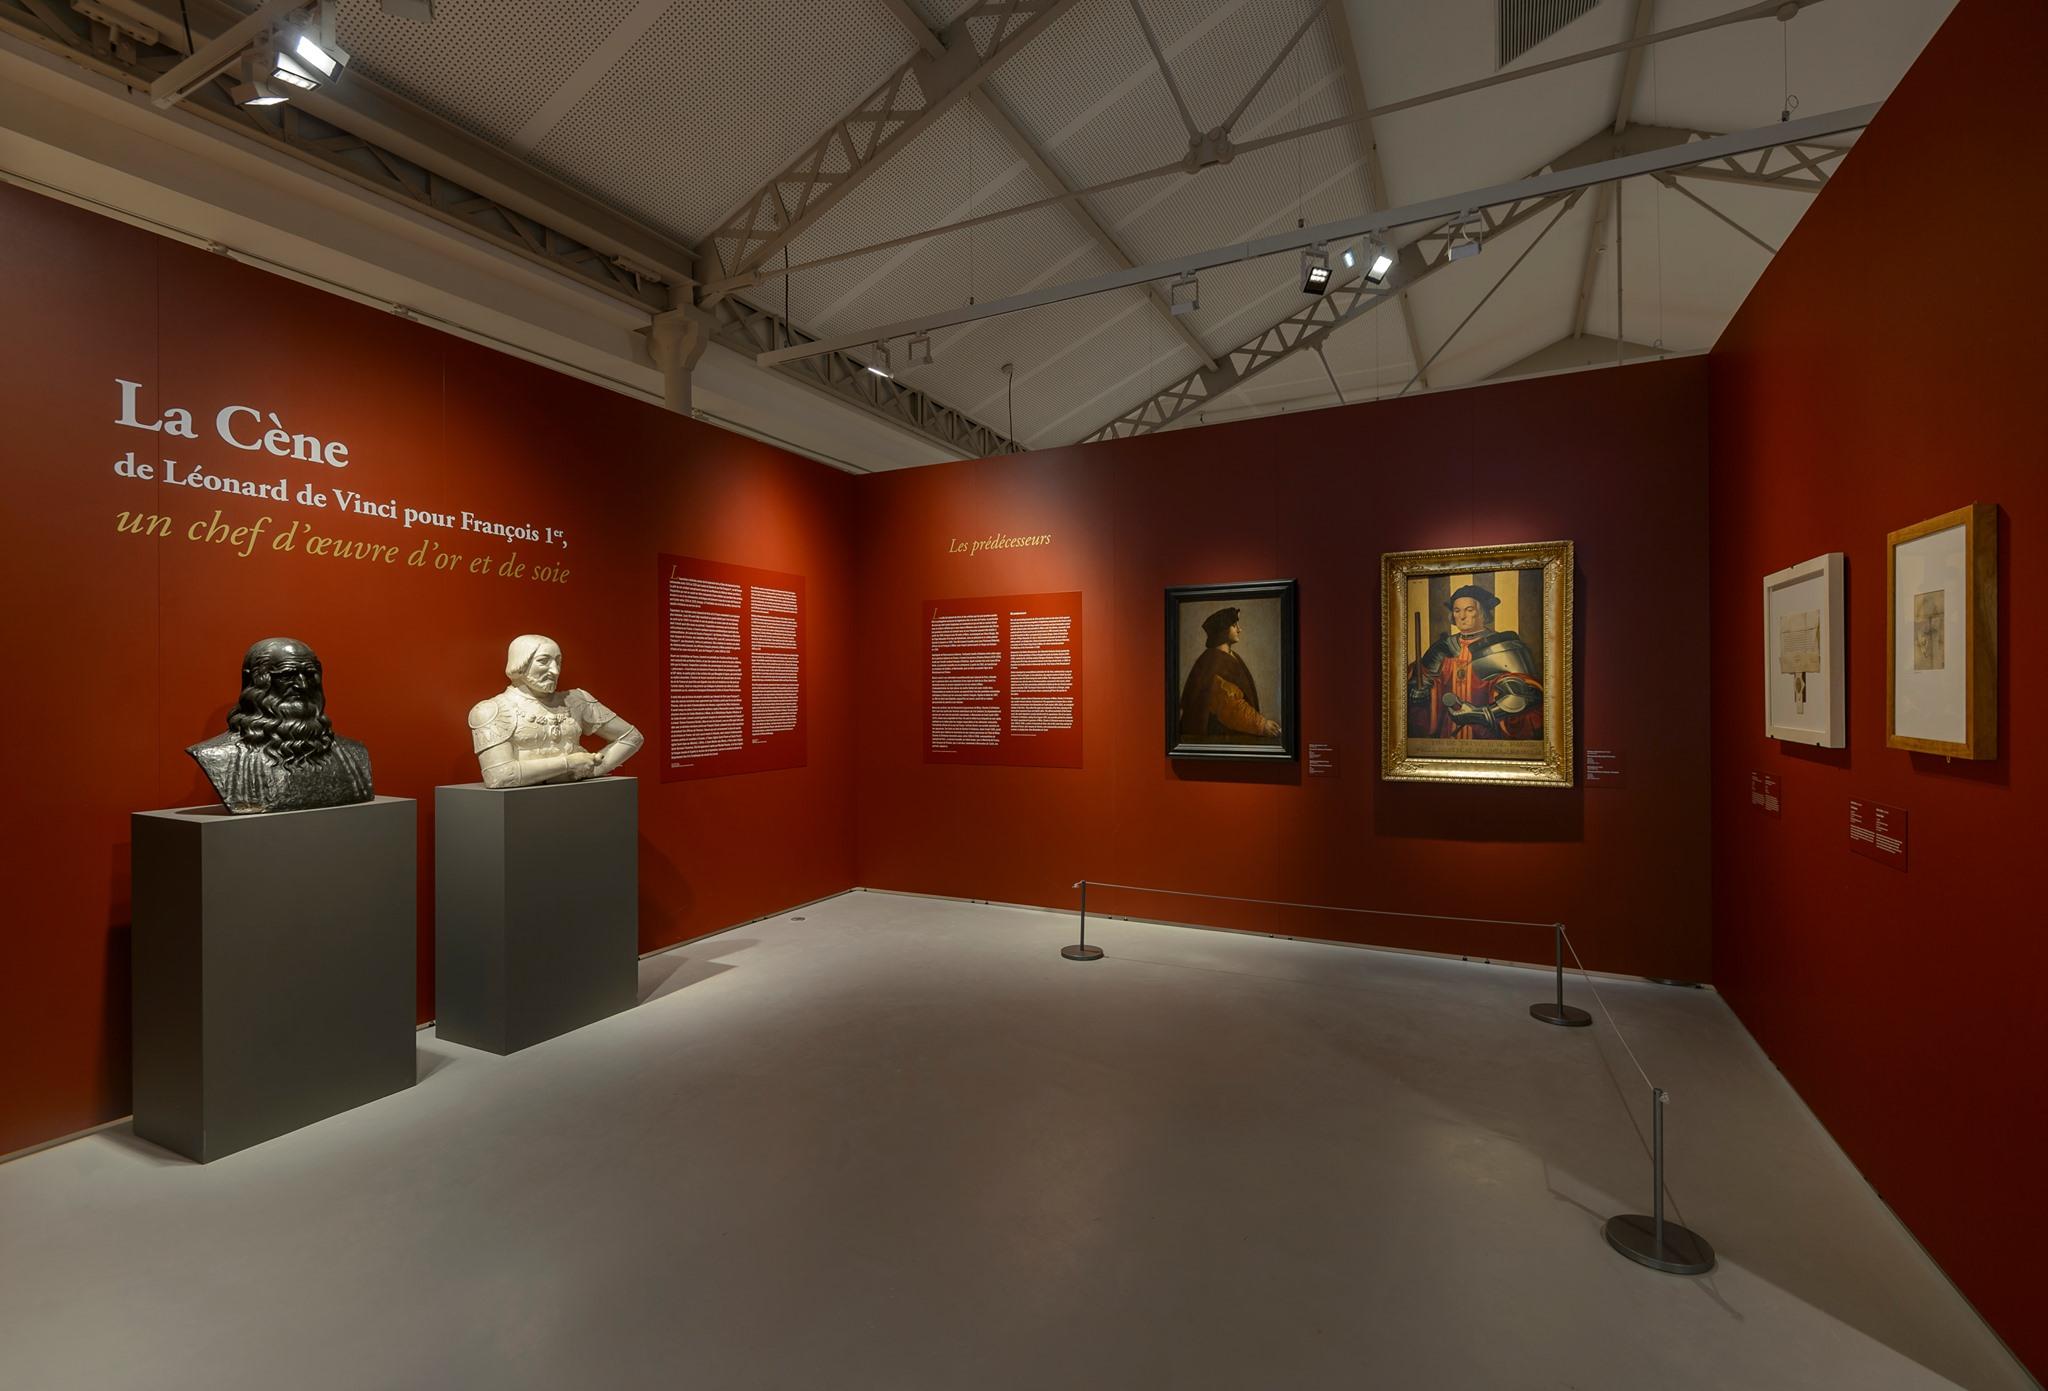 Ausstellungsraum mit Mila-wall Podesten und Wandmodulen mit roter Oberflächenbeschichtung